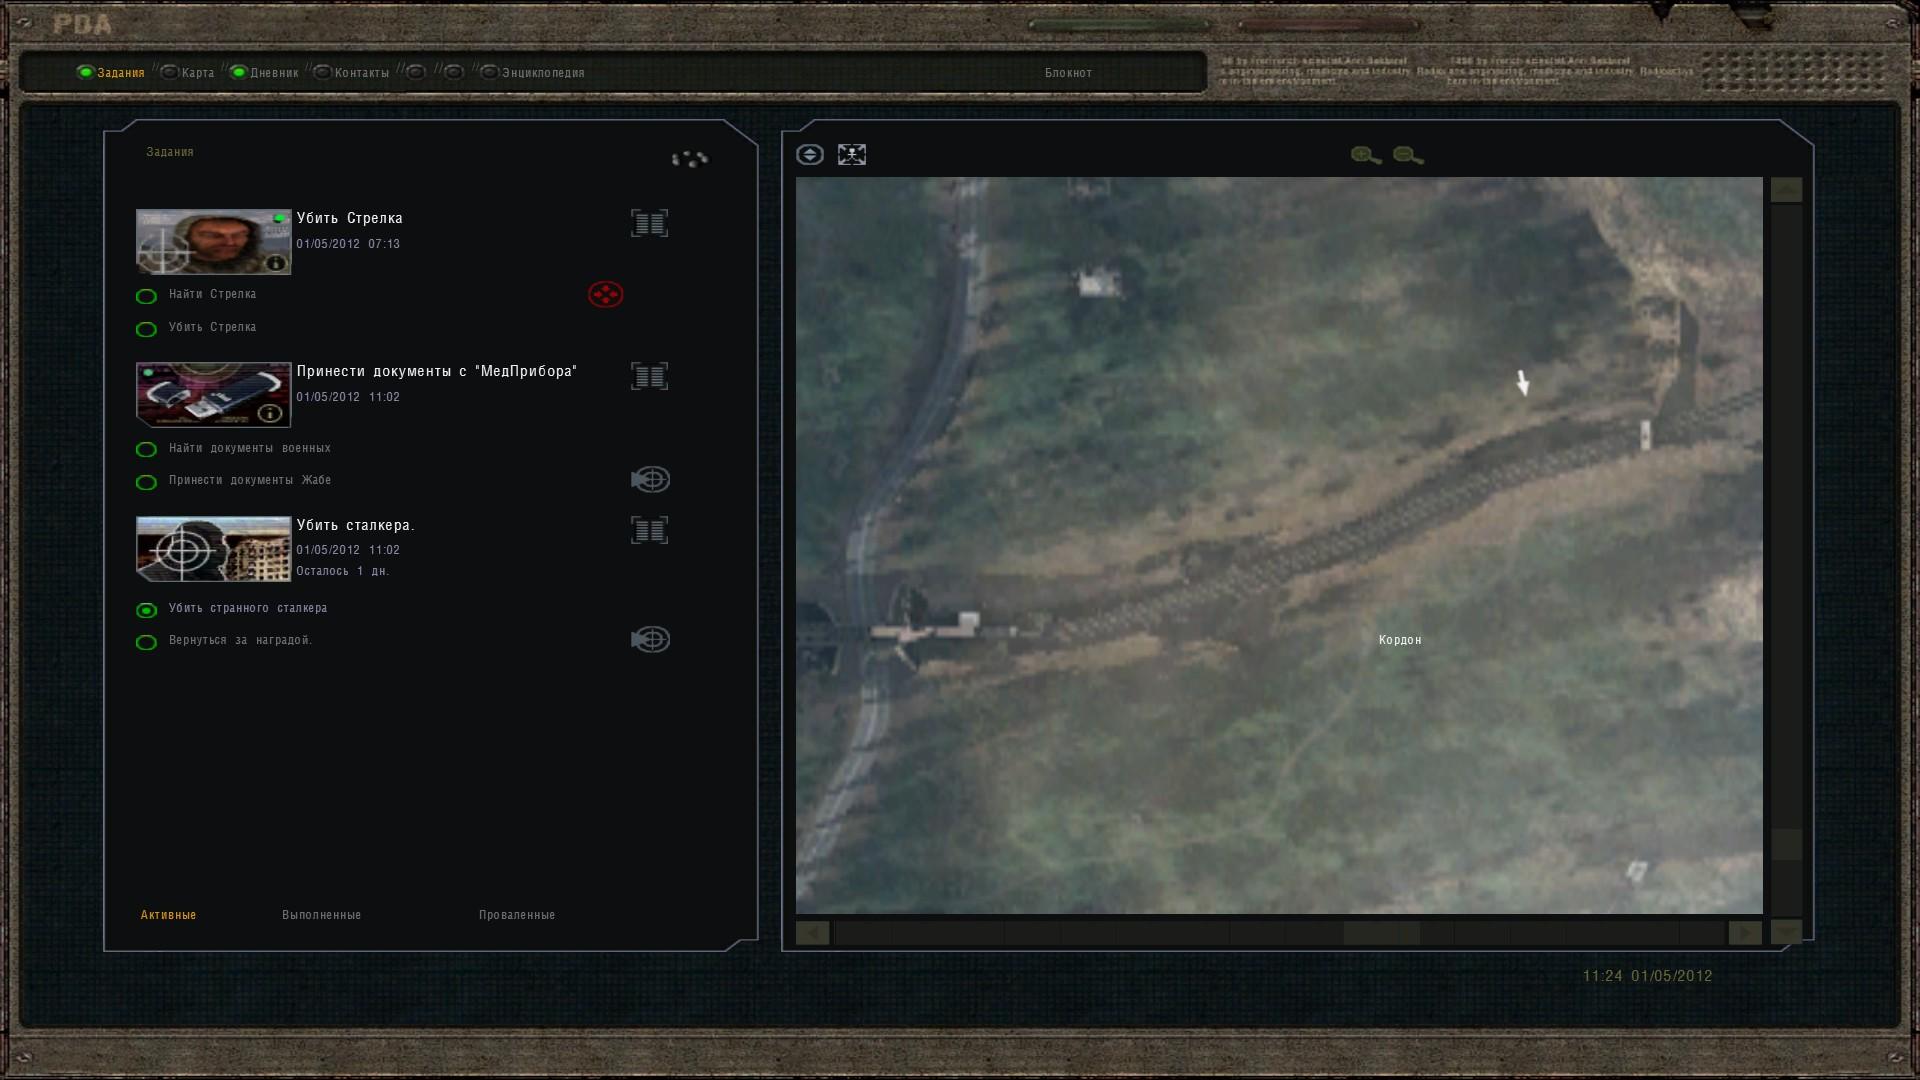 Oblivion Lost Remake 2.5 image 31